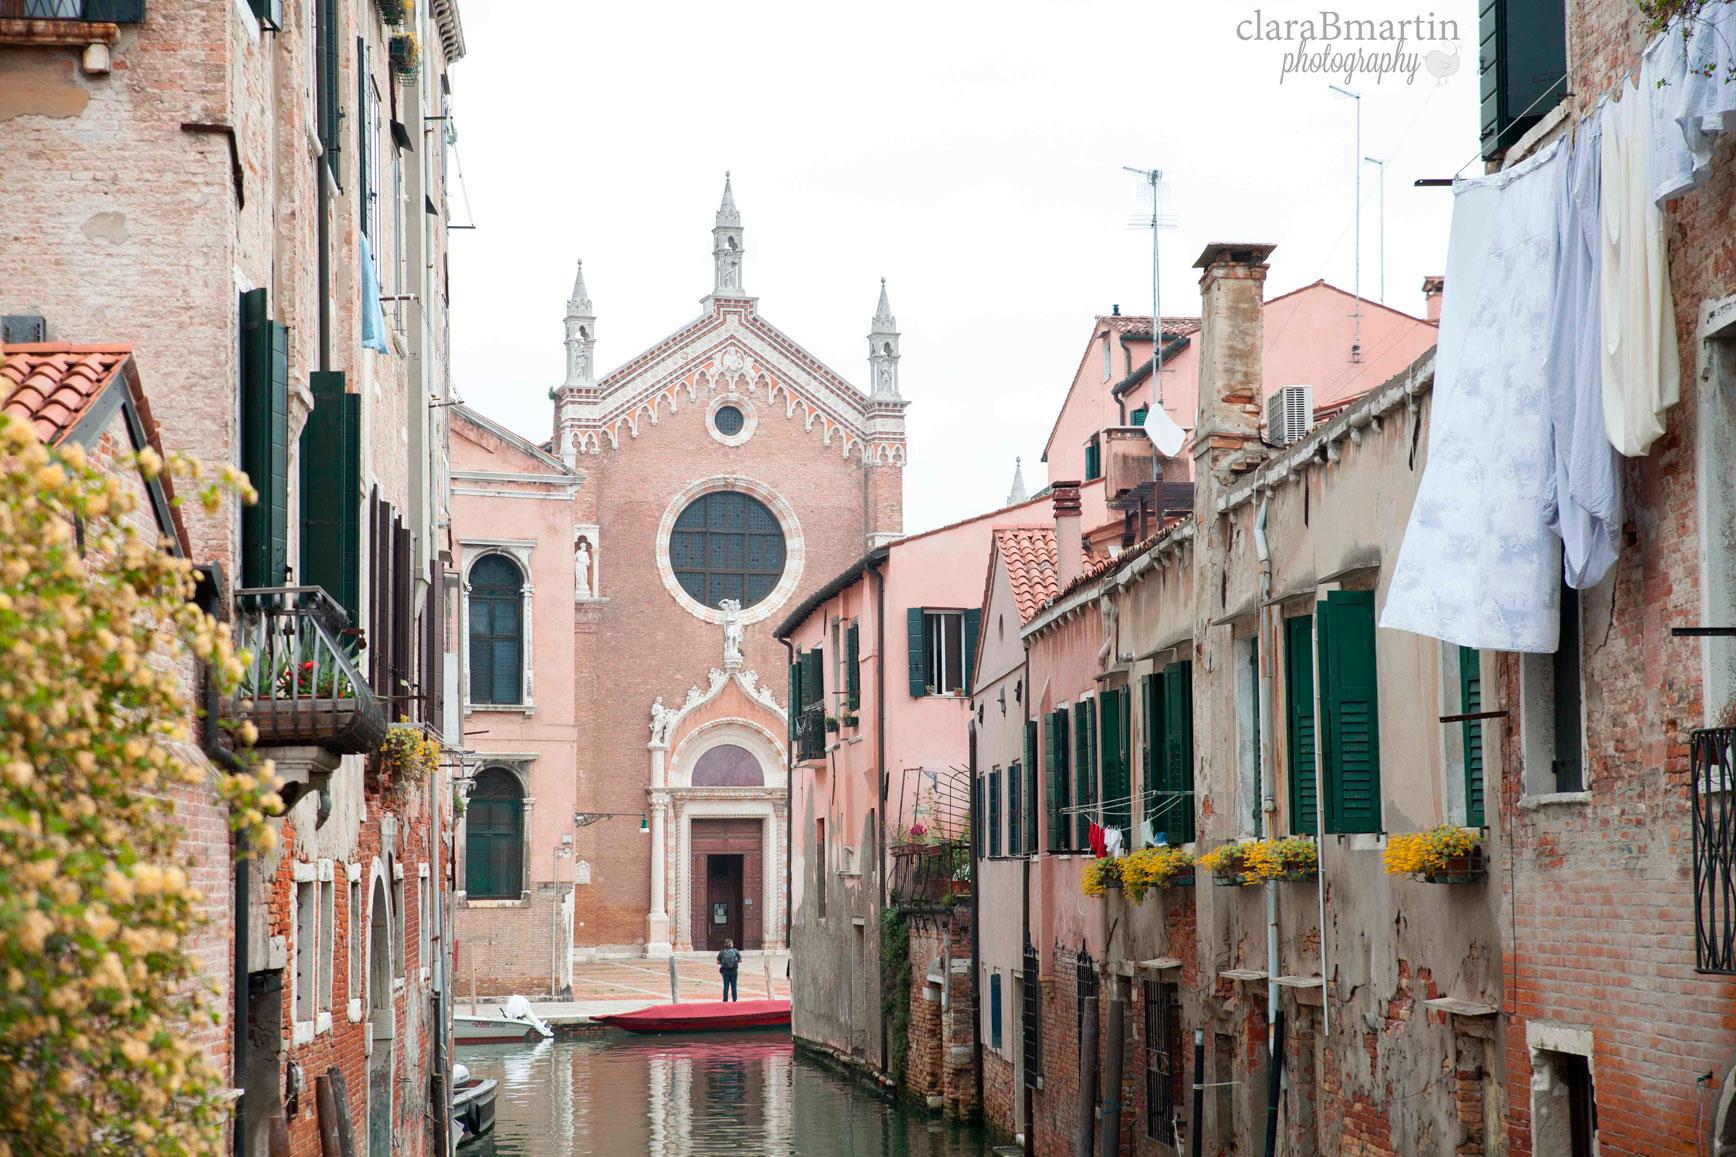 Venecia_claraBmartin_07